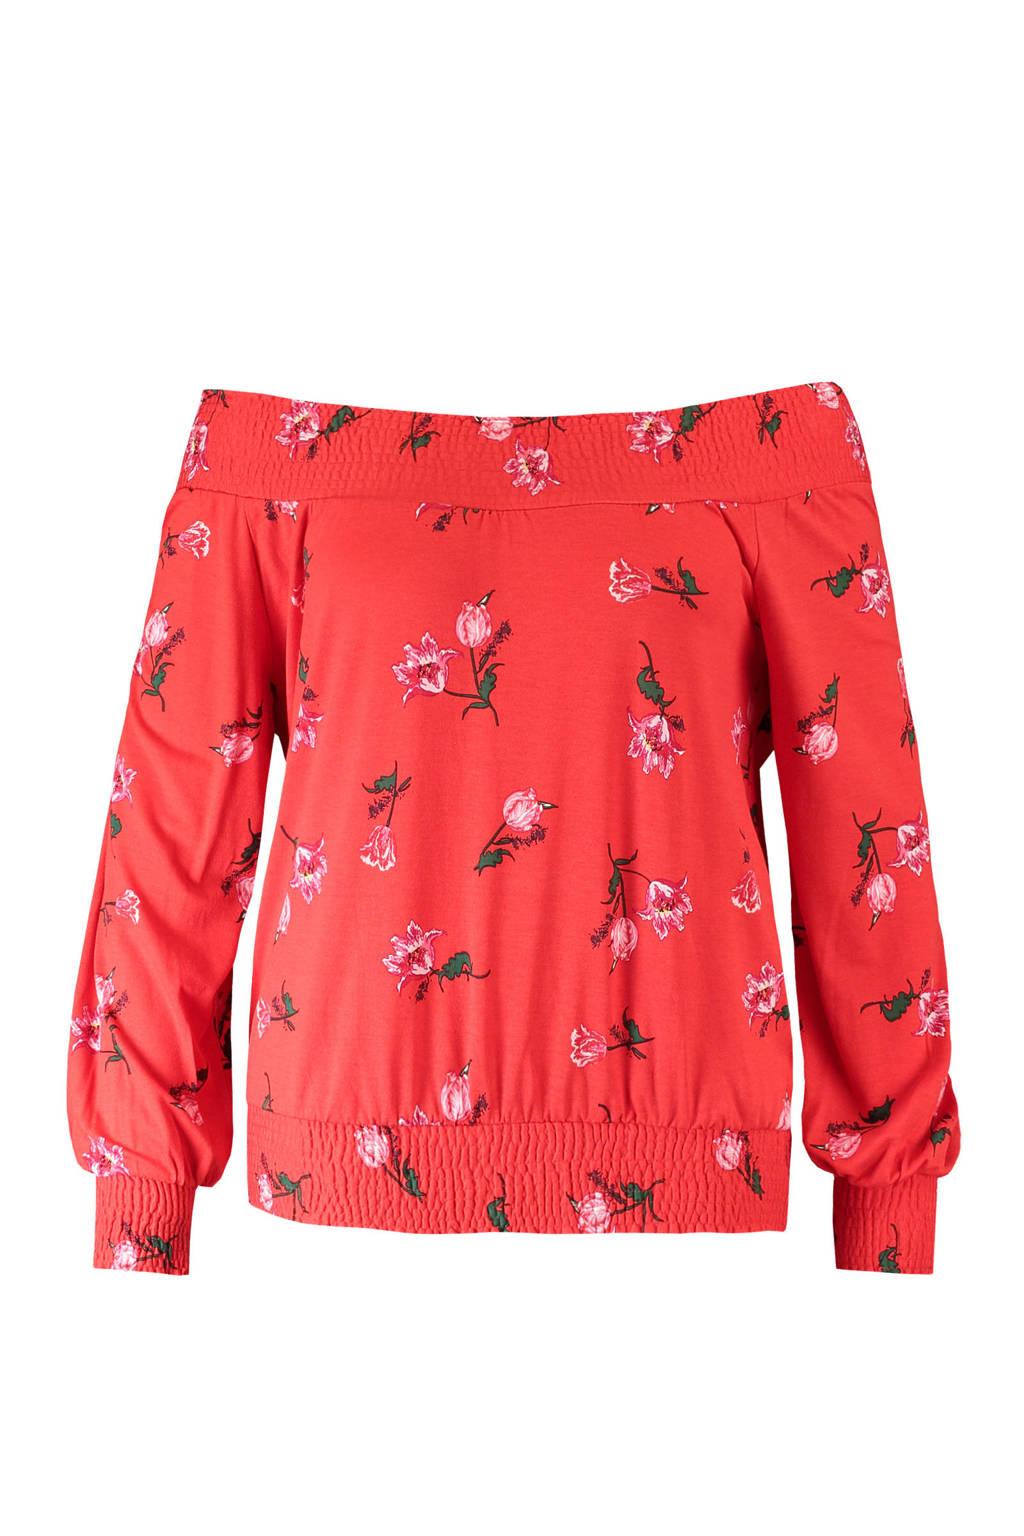 FSTVL by MS Mode off shoulder top met bloemen rood, Rood/roze/groen